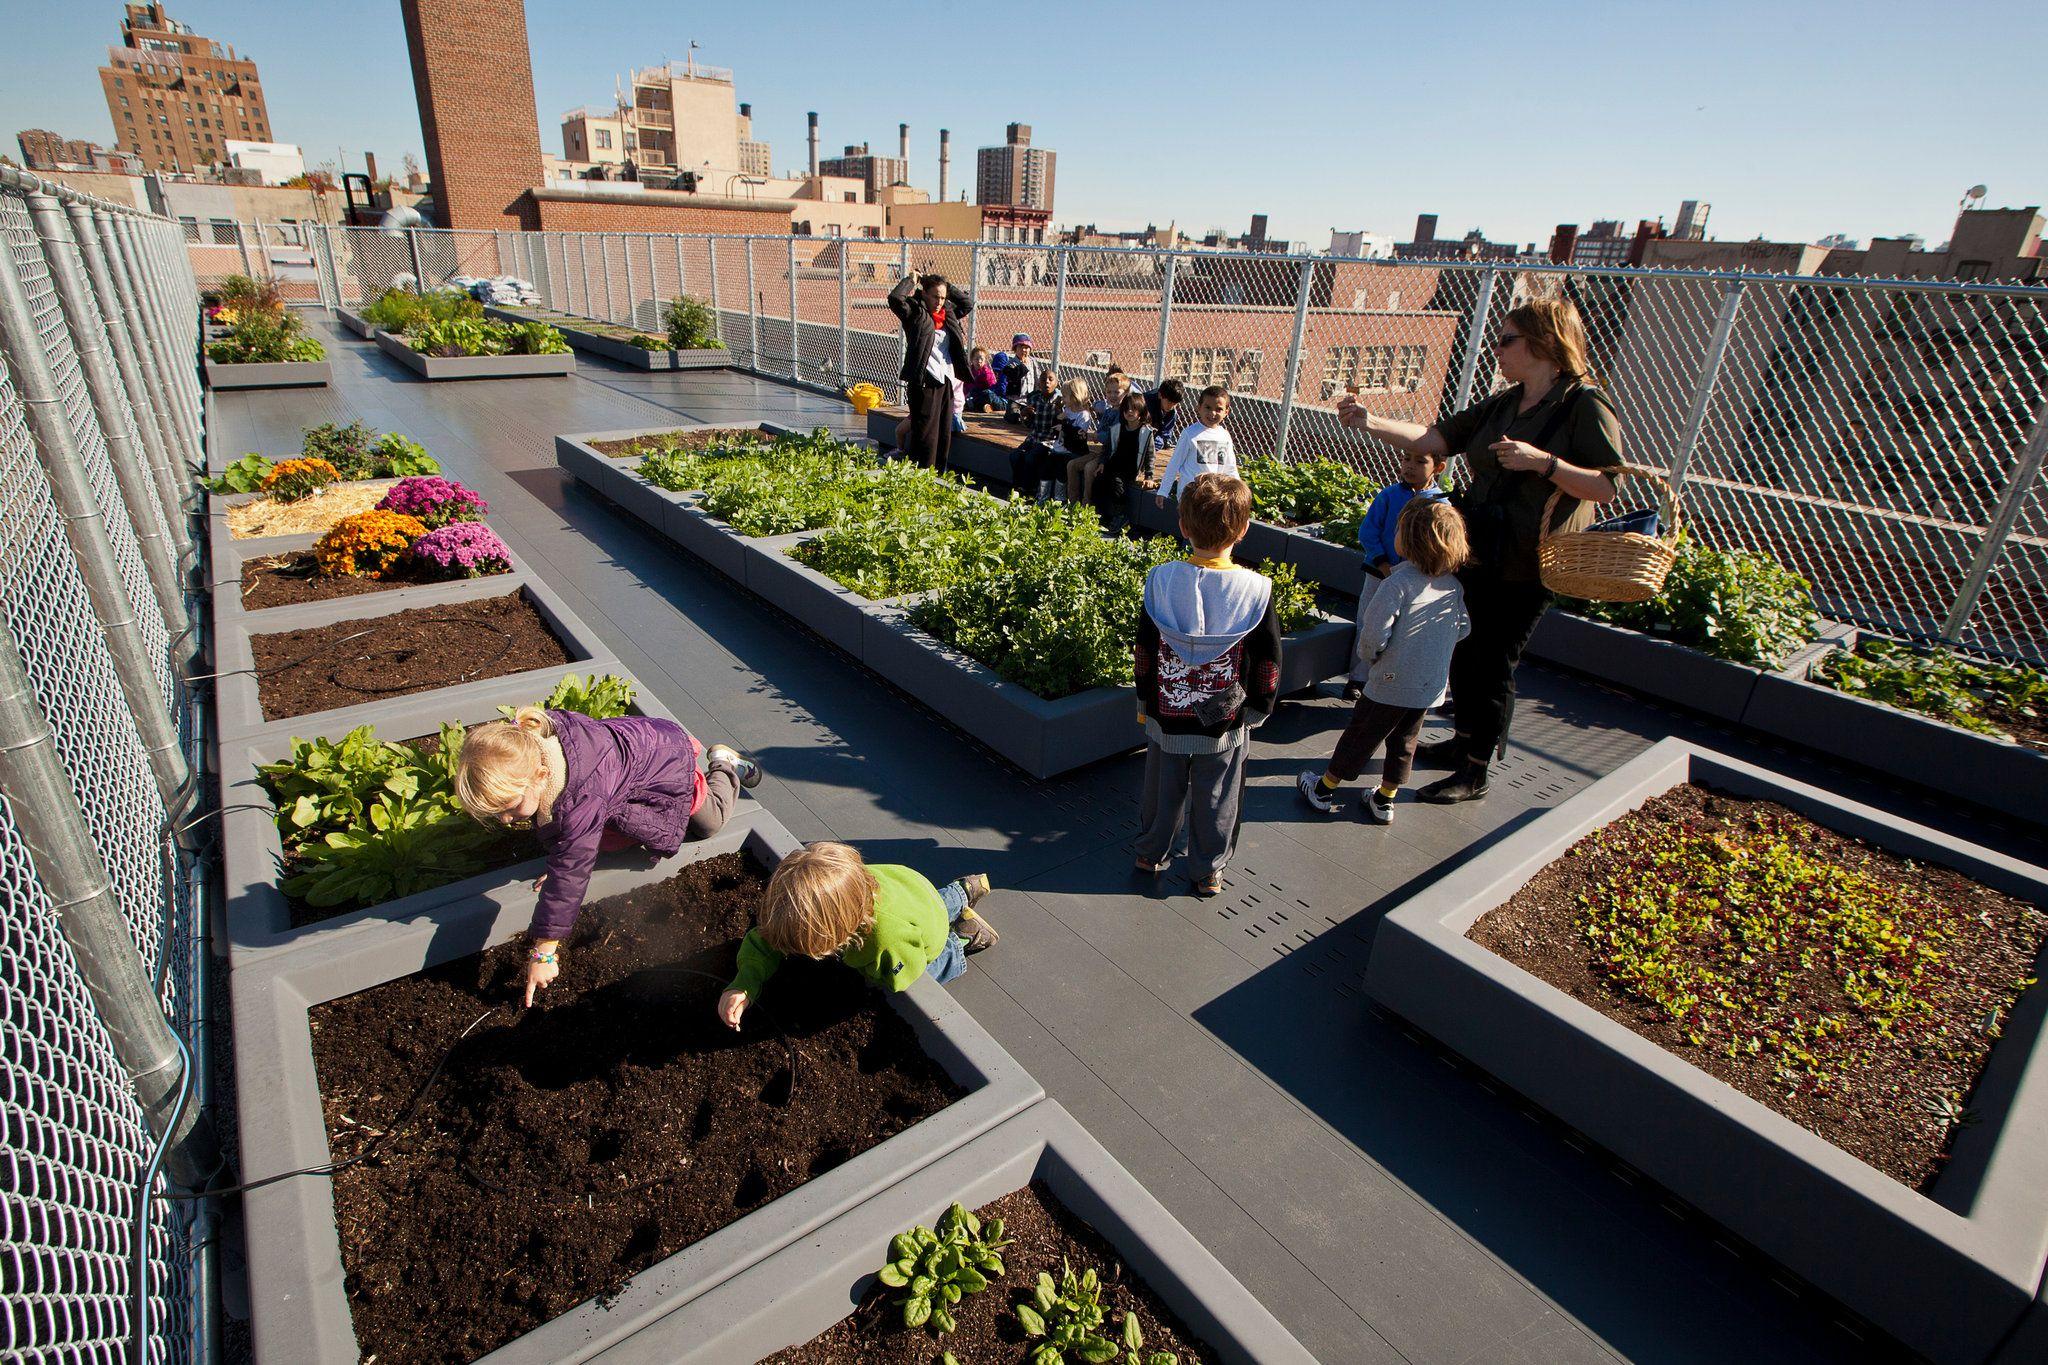 In The Book Bag More Garden Tools With Images Rooftop Garden School Garden Roof Garden